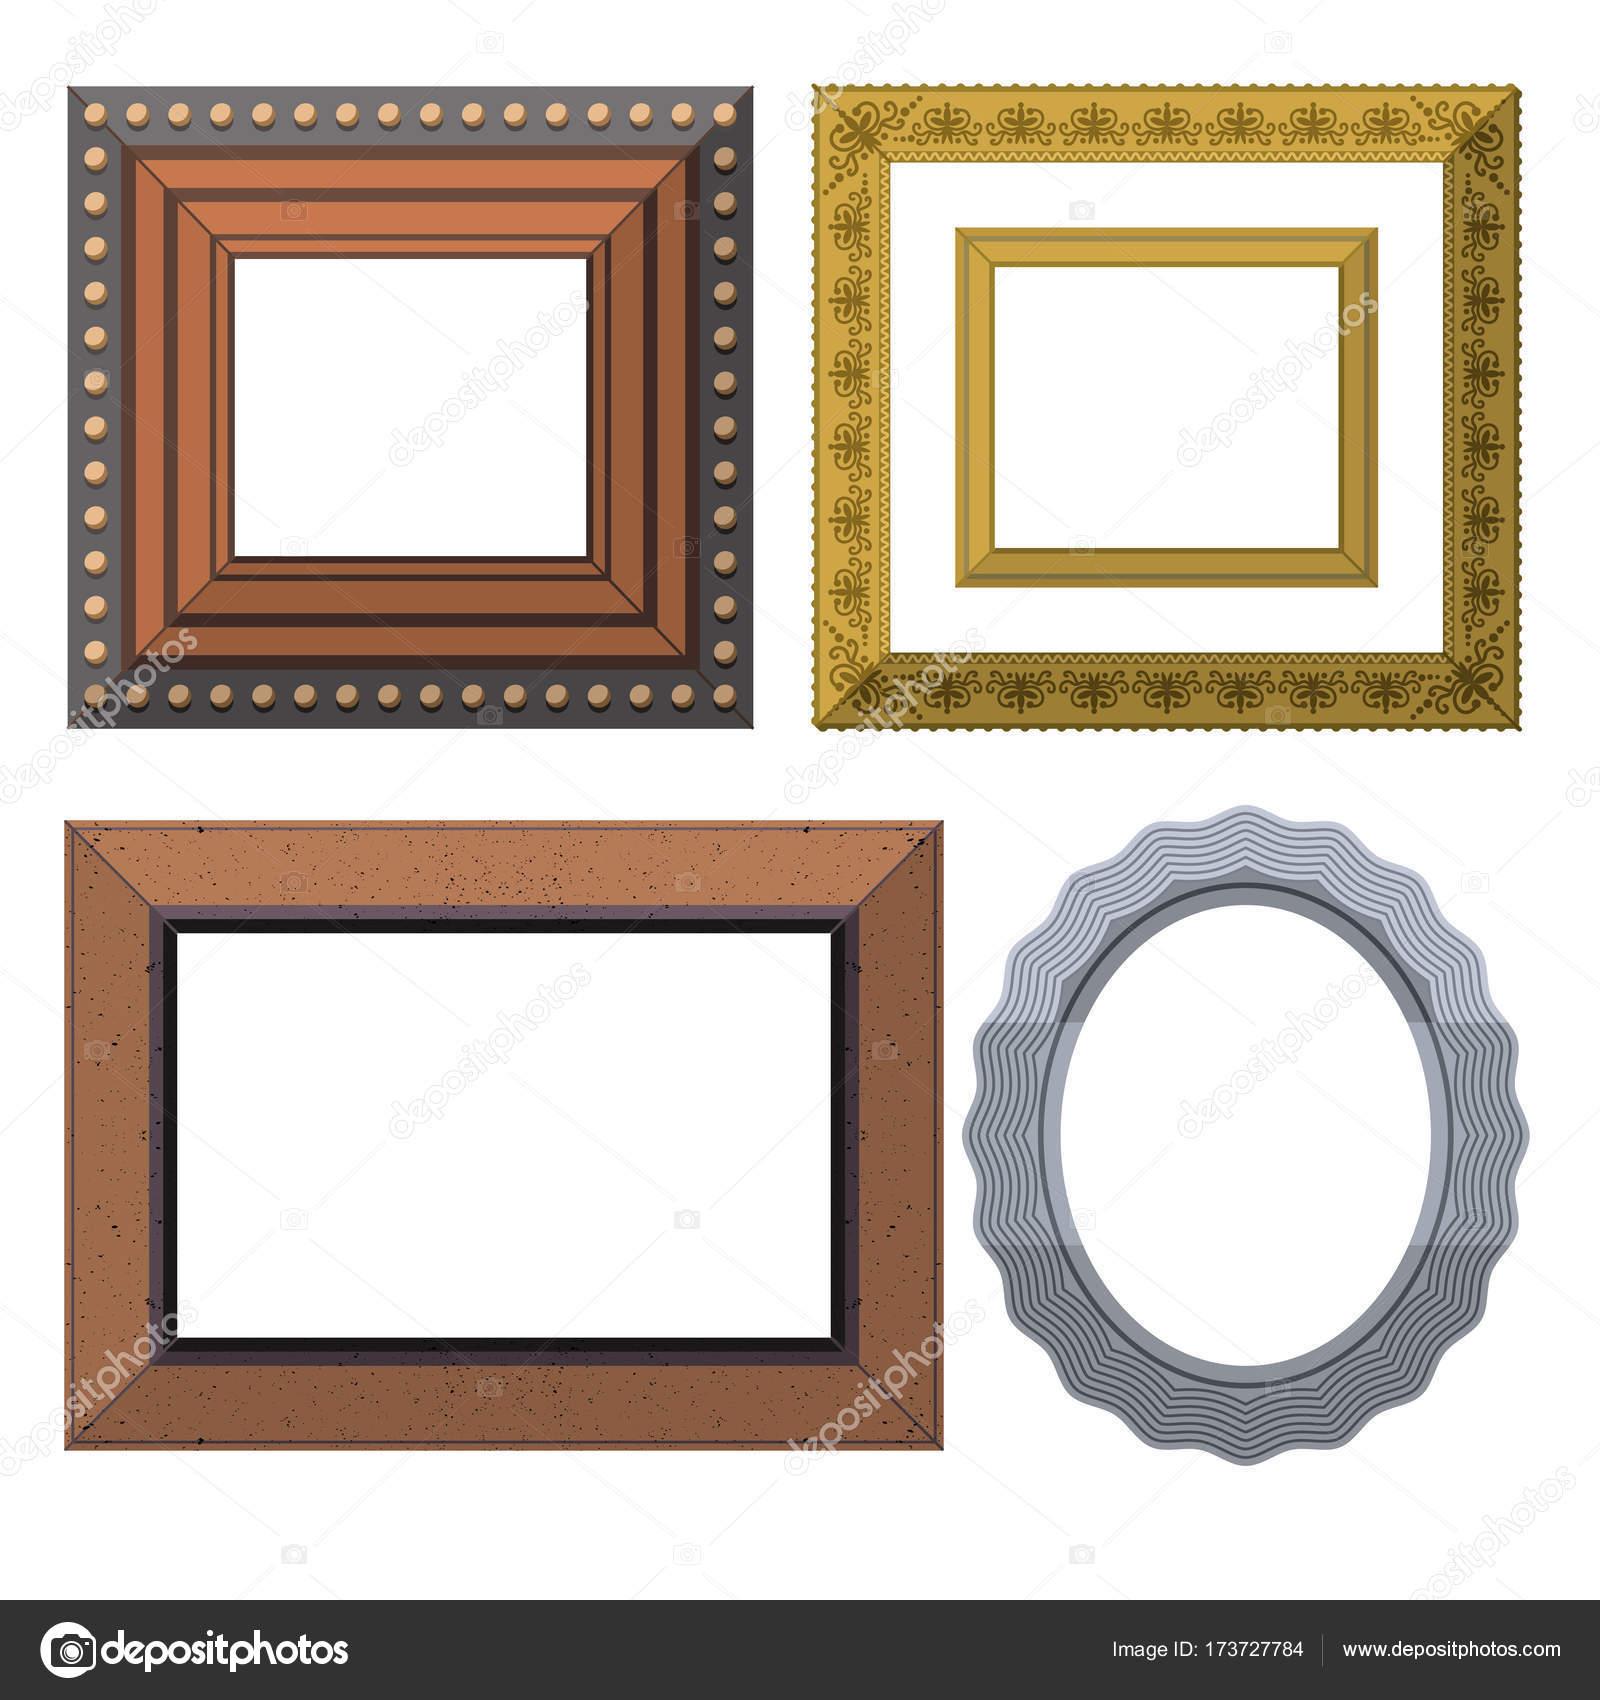 Cuadro marco Museo exposición interiores decorativos vector foto ...